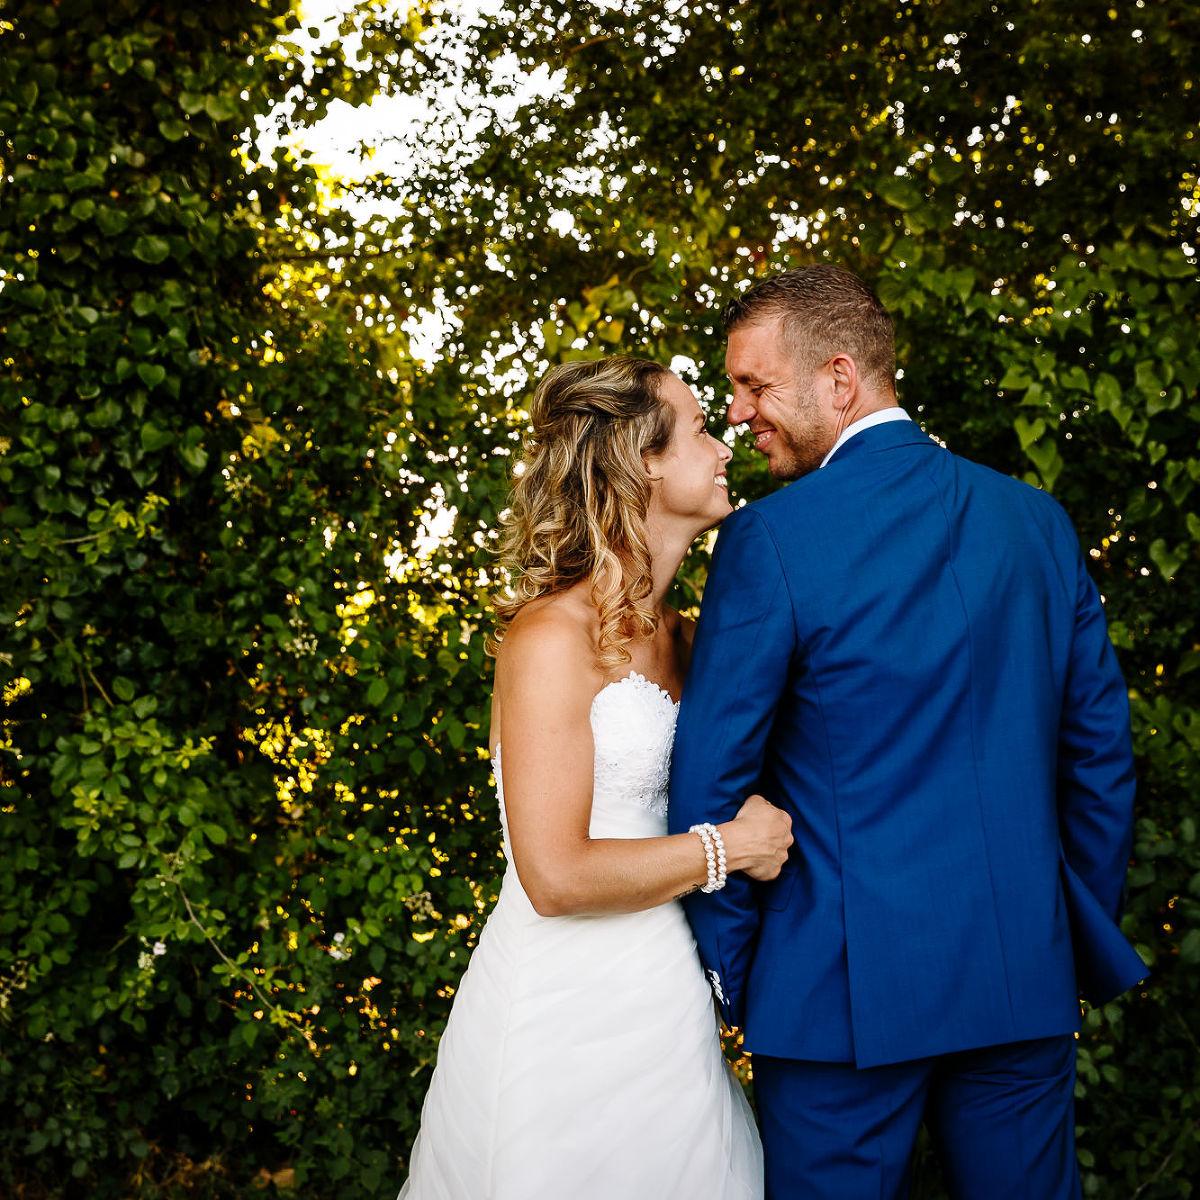 bruidsfotografie, trouwreportage voorbeelden, spontane bruidsfotografie, journalistieke trouwfotografie, bruid, bruidegom